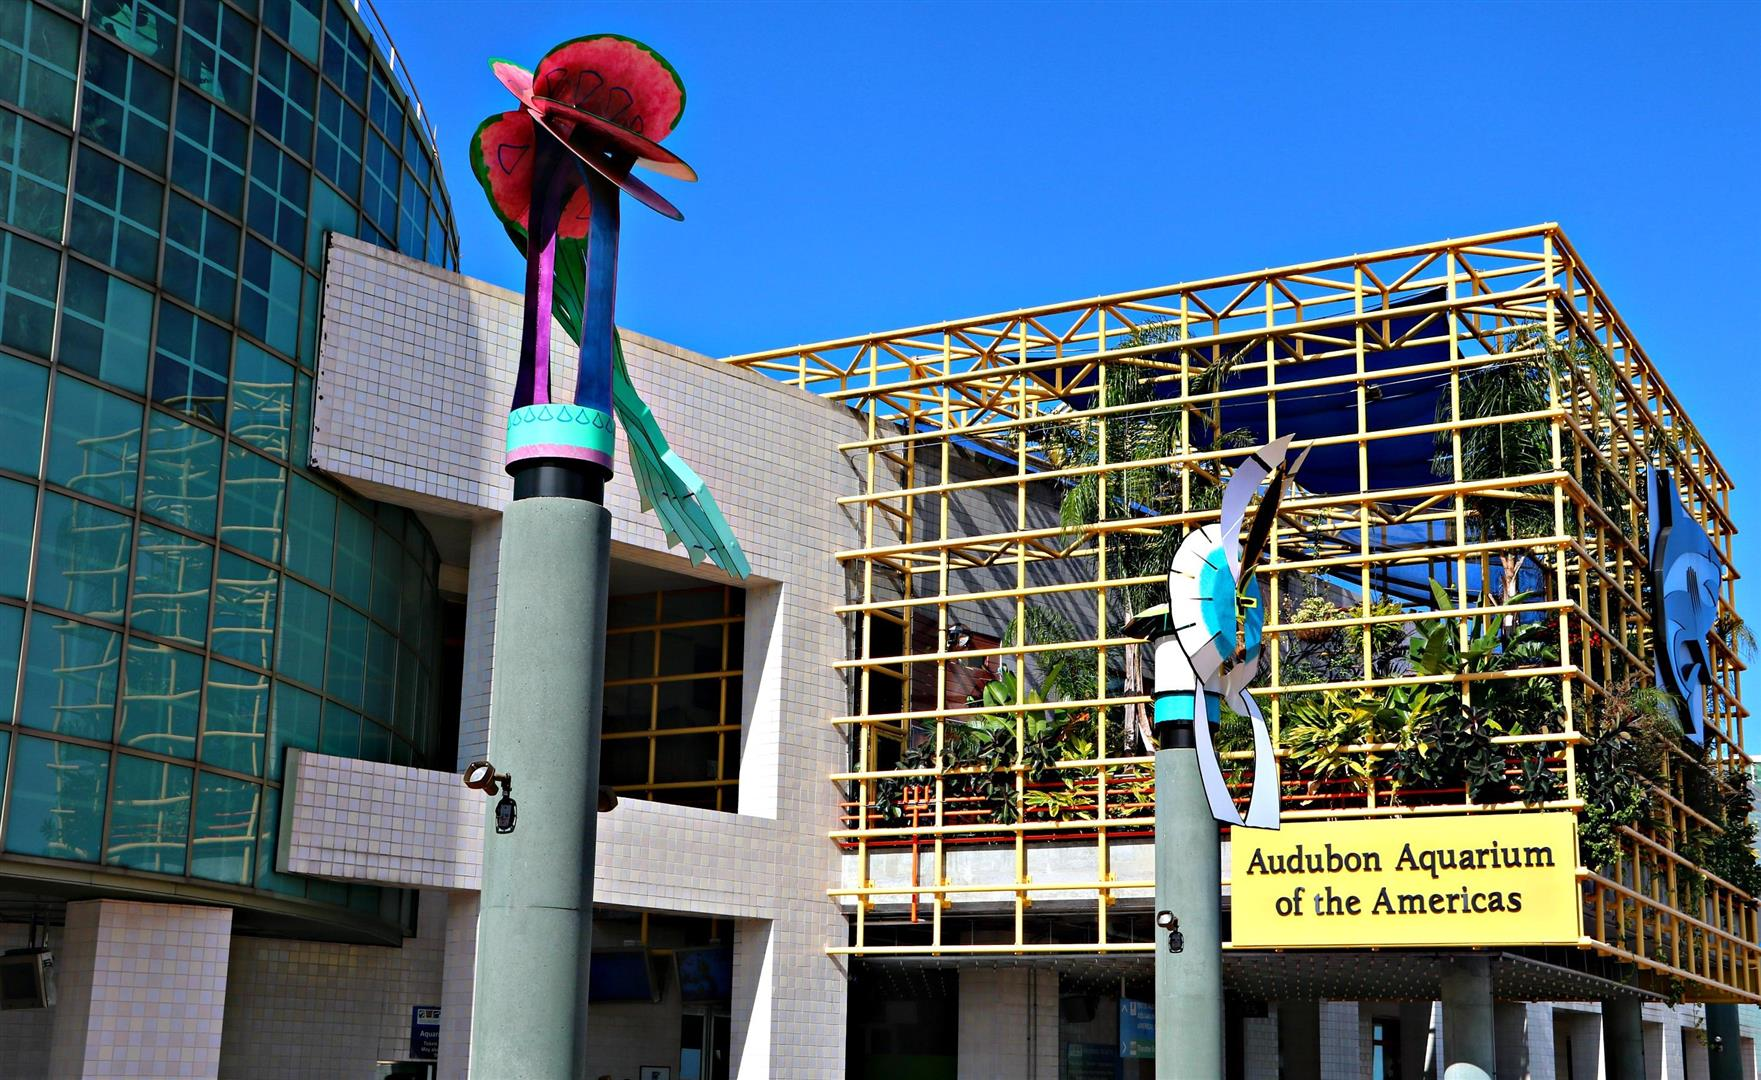 AudubonAquariumofAmericas2.jpg